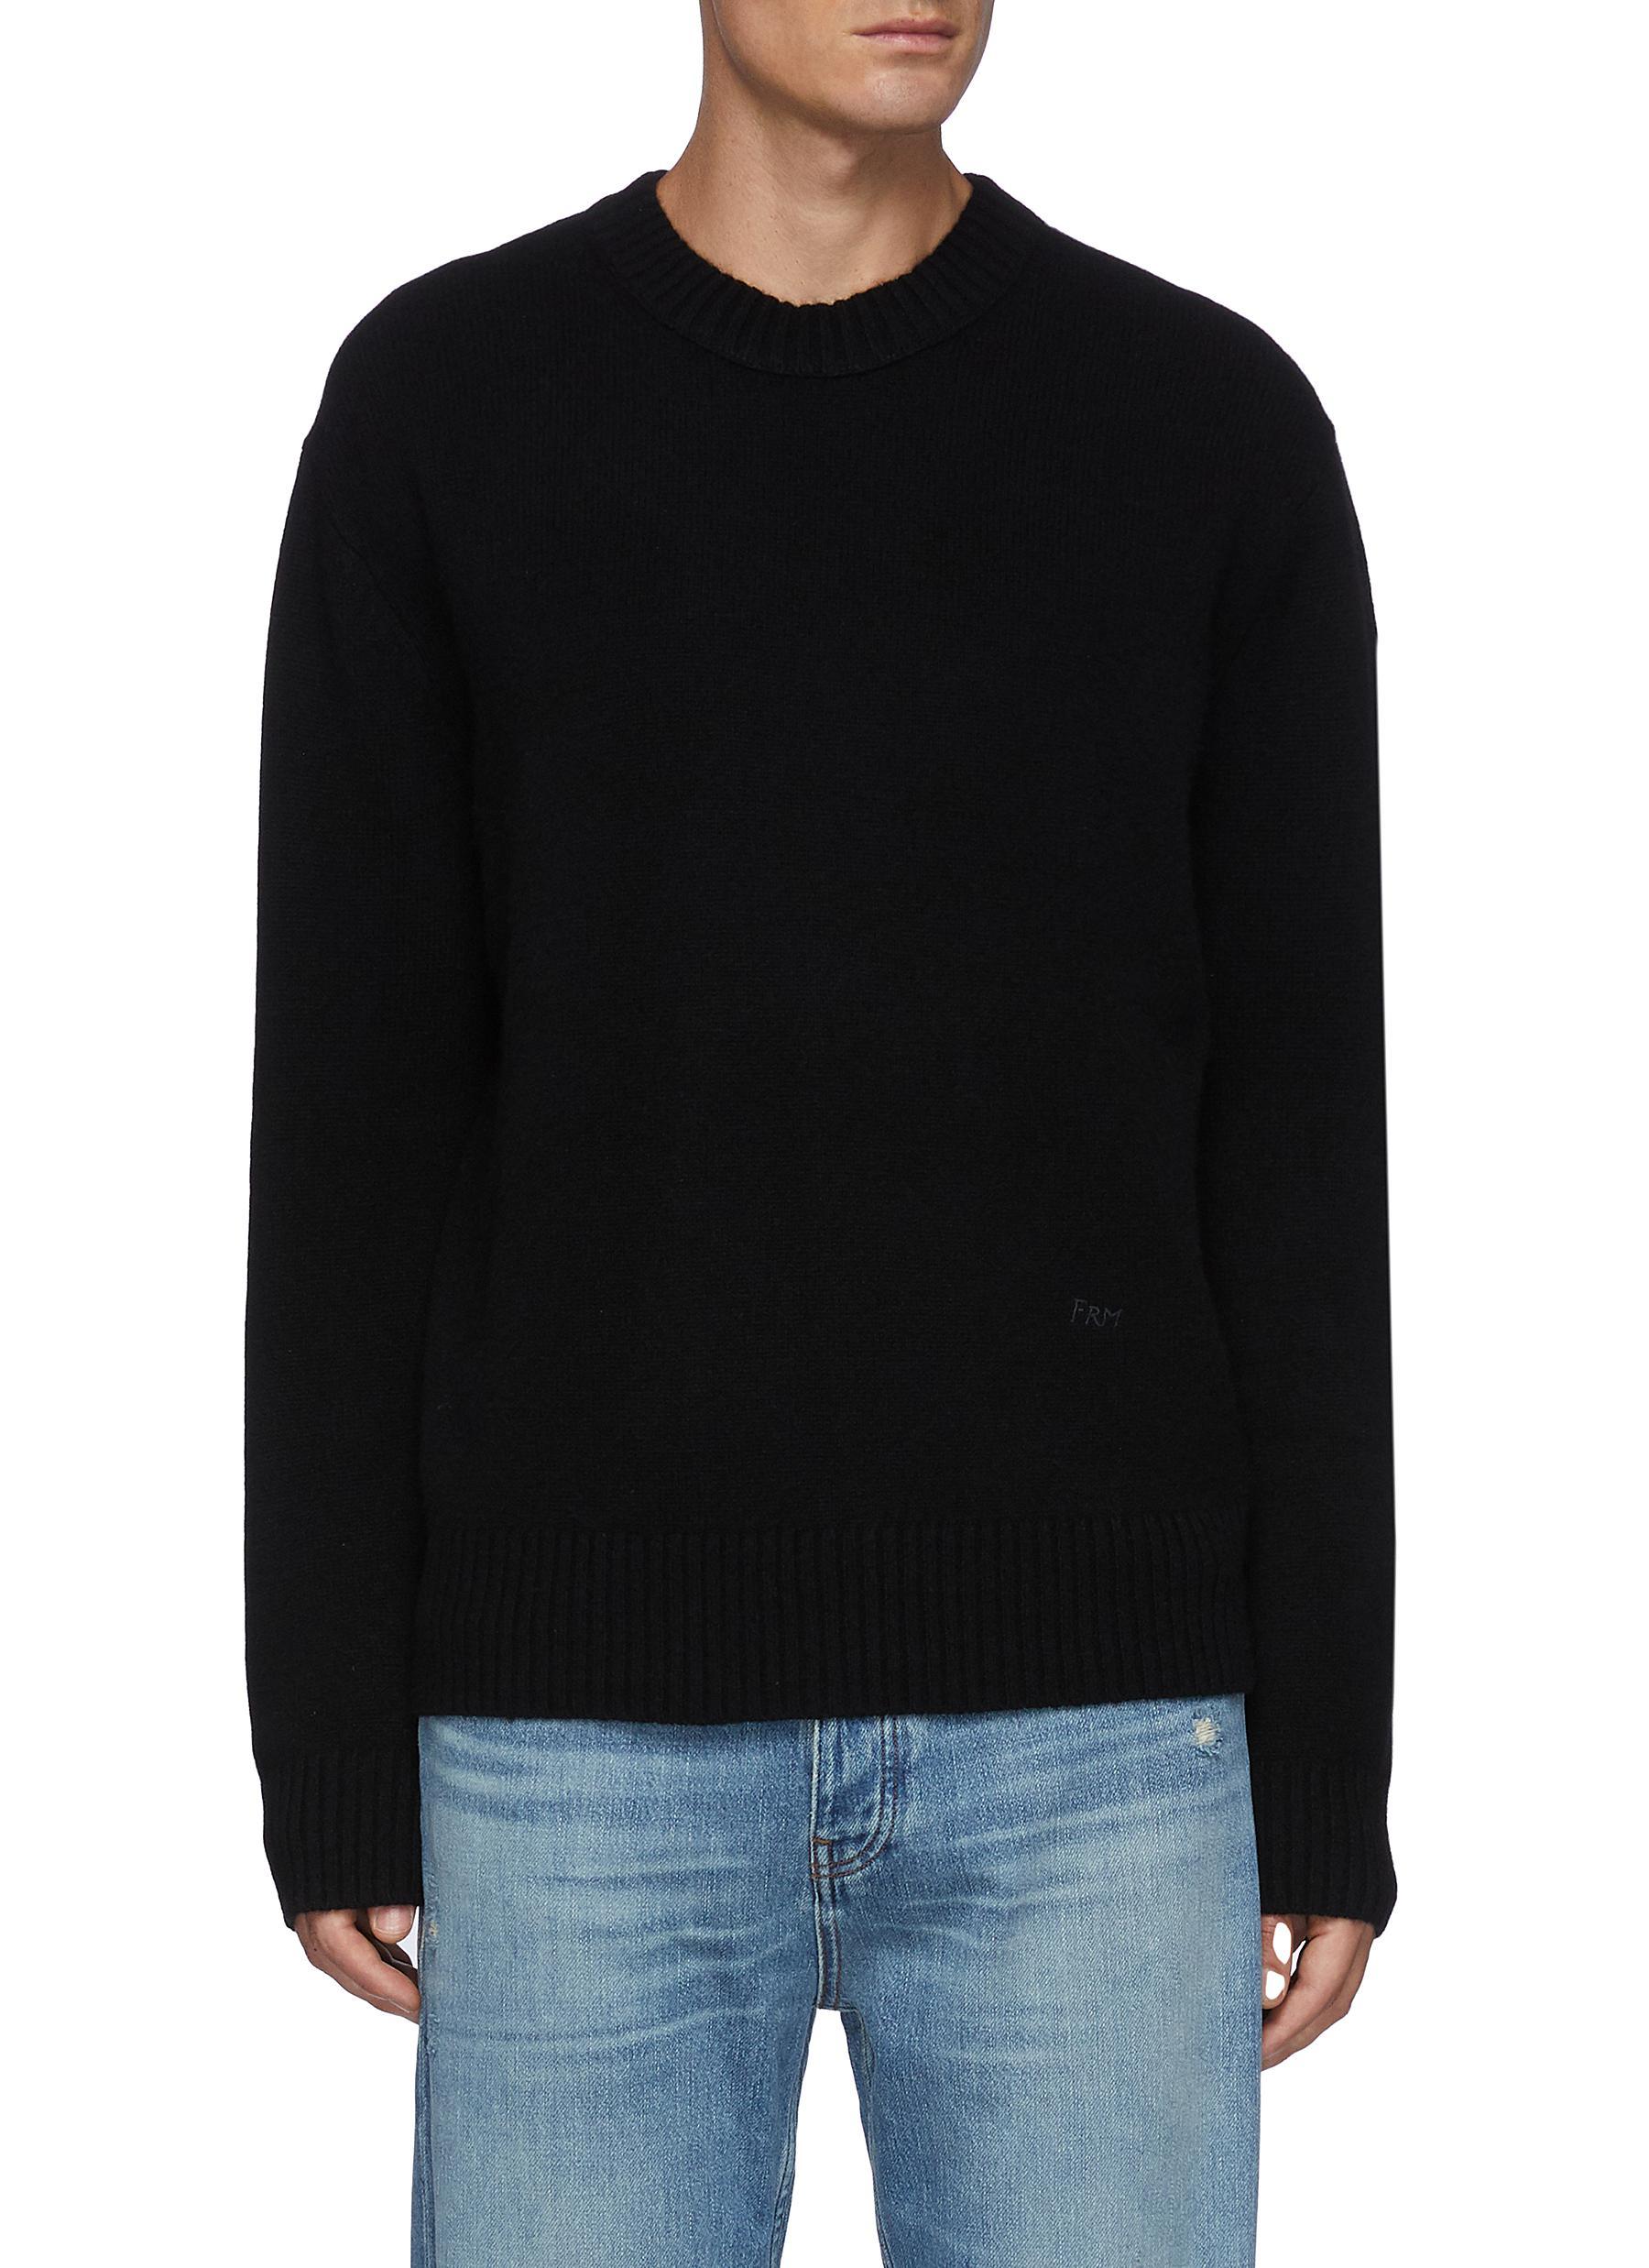 The Crewneck Cashmere Sweater